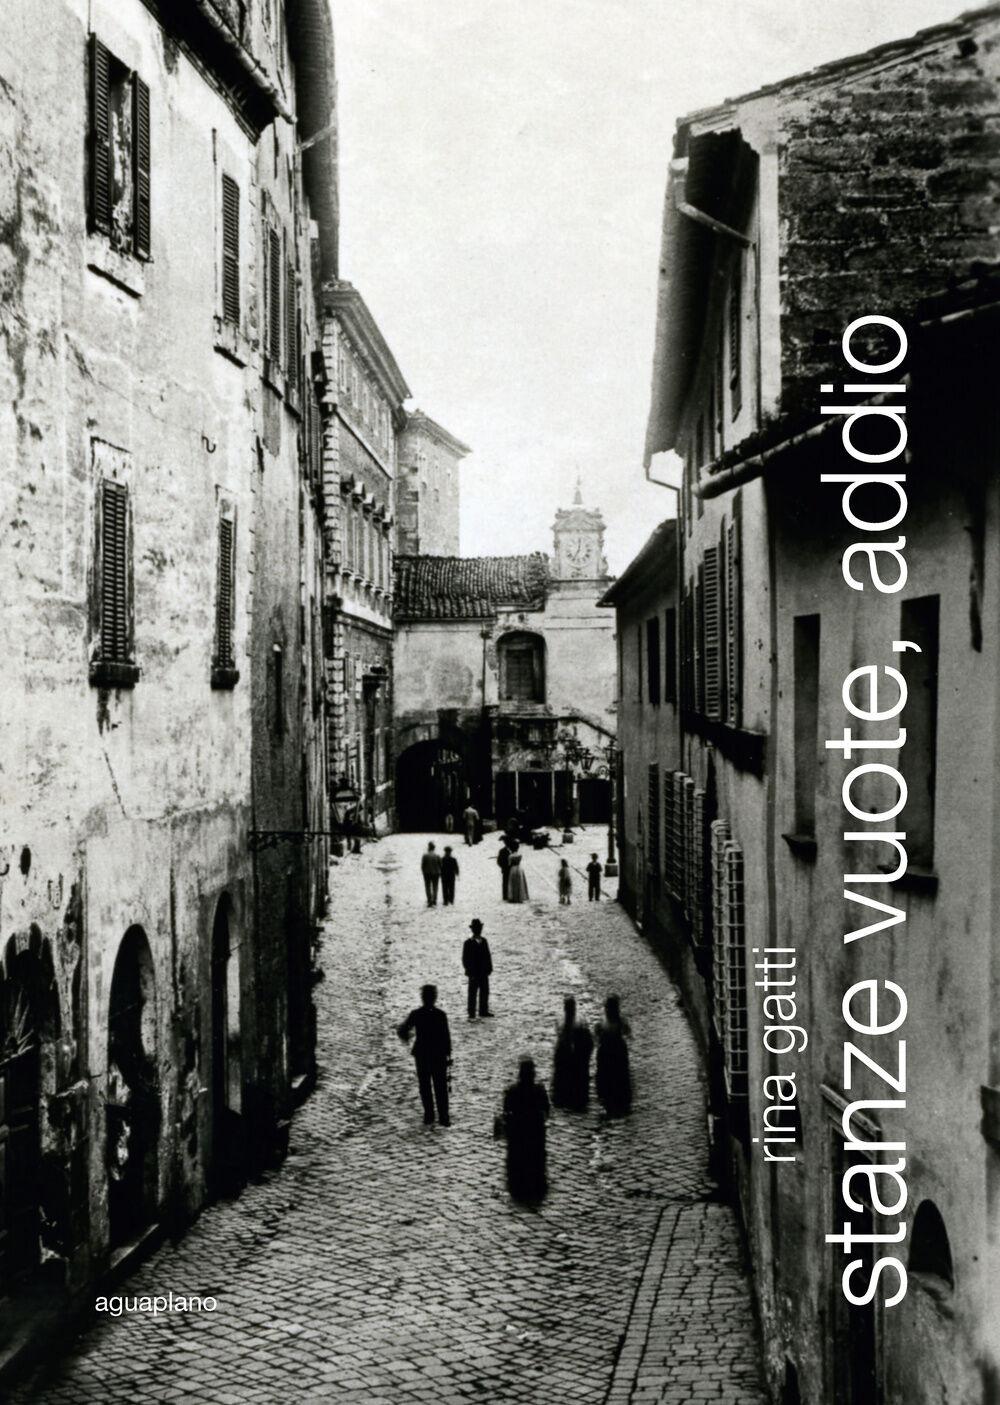 Stanze vuote, addio. Due anime smarrite nell'Umbria contadina del secondo dopoguerra